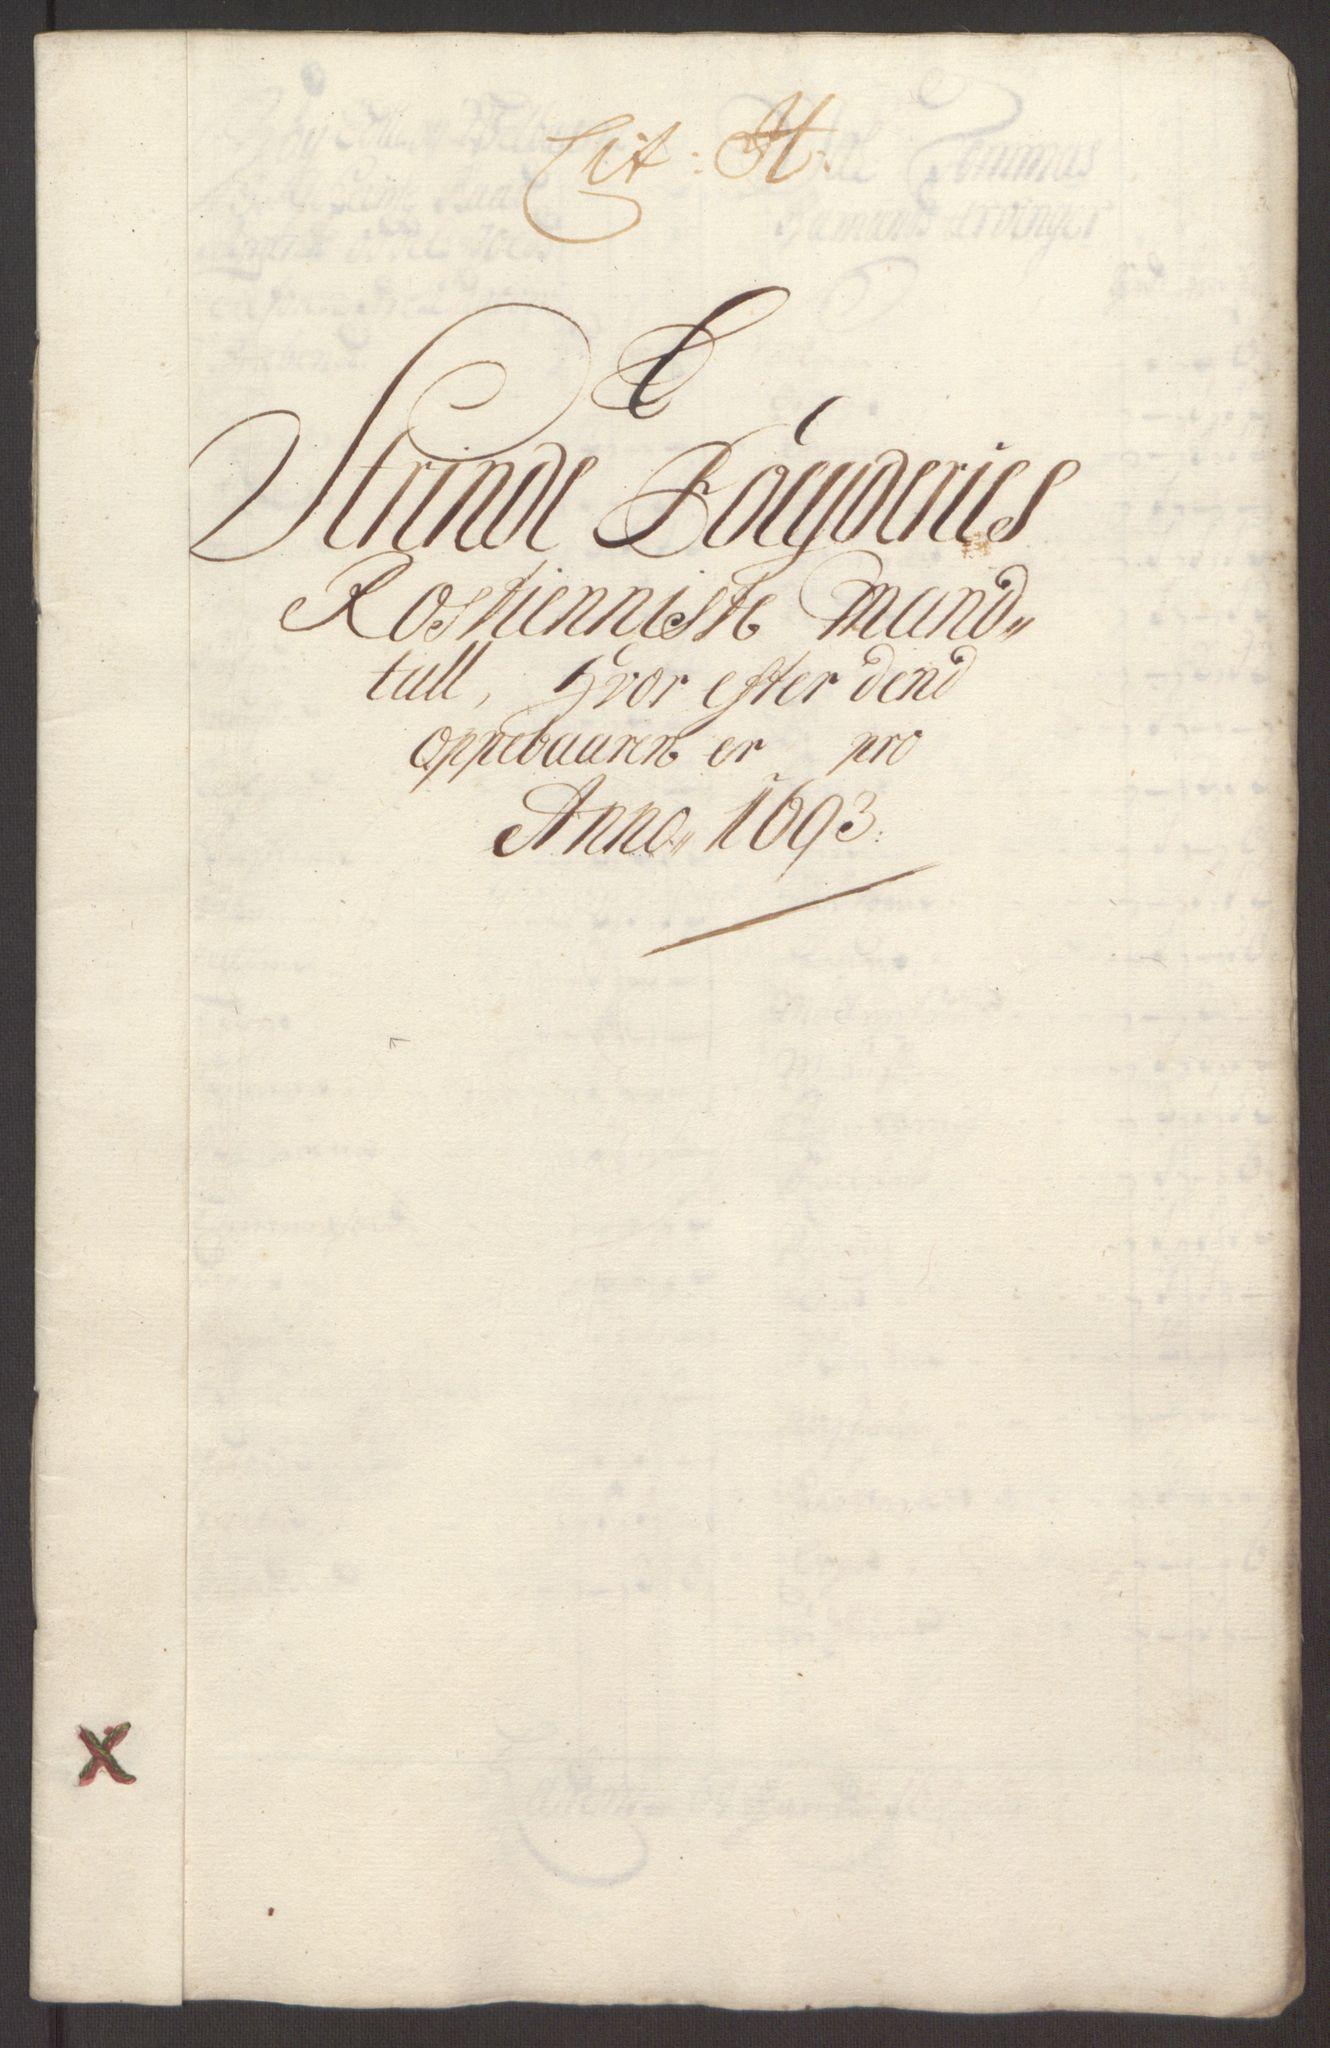 RA, Rentekammeret inntil 1814, Reviderte regnskaper, Fogderegnskap, R61/L4104: Fogderegnskap Strinda og Selbu, 1693-1694, s. 96